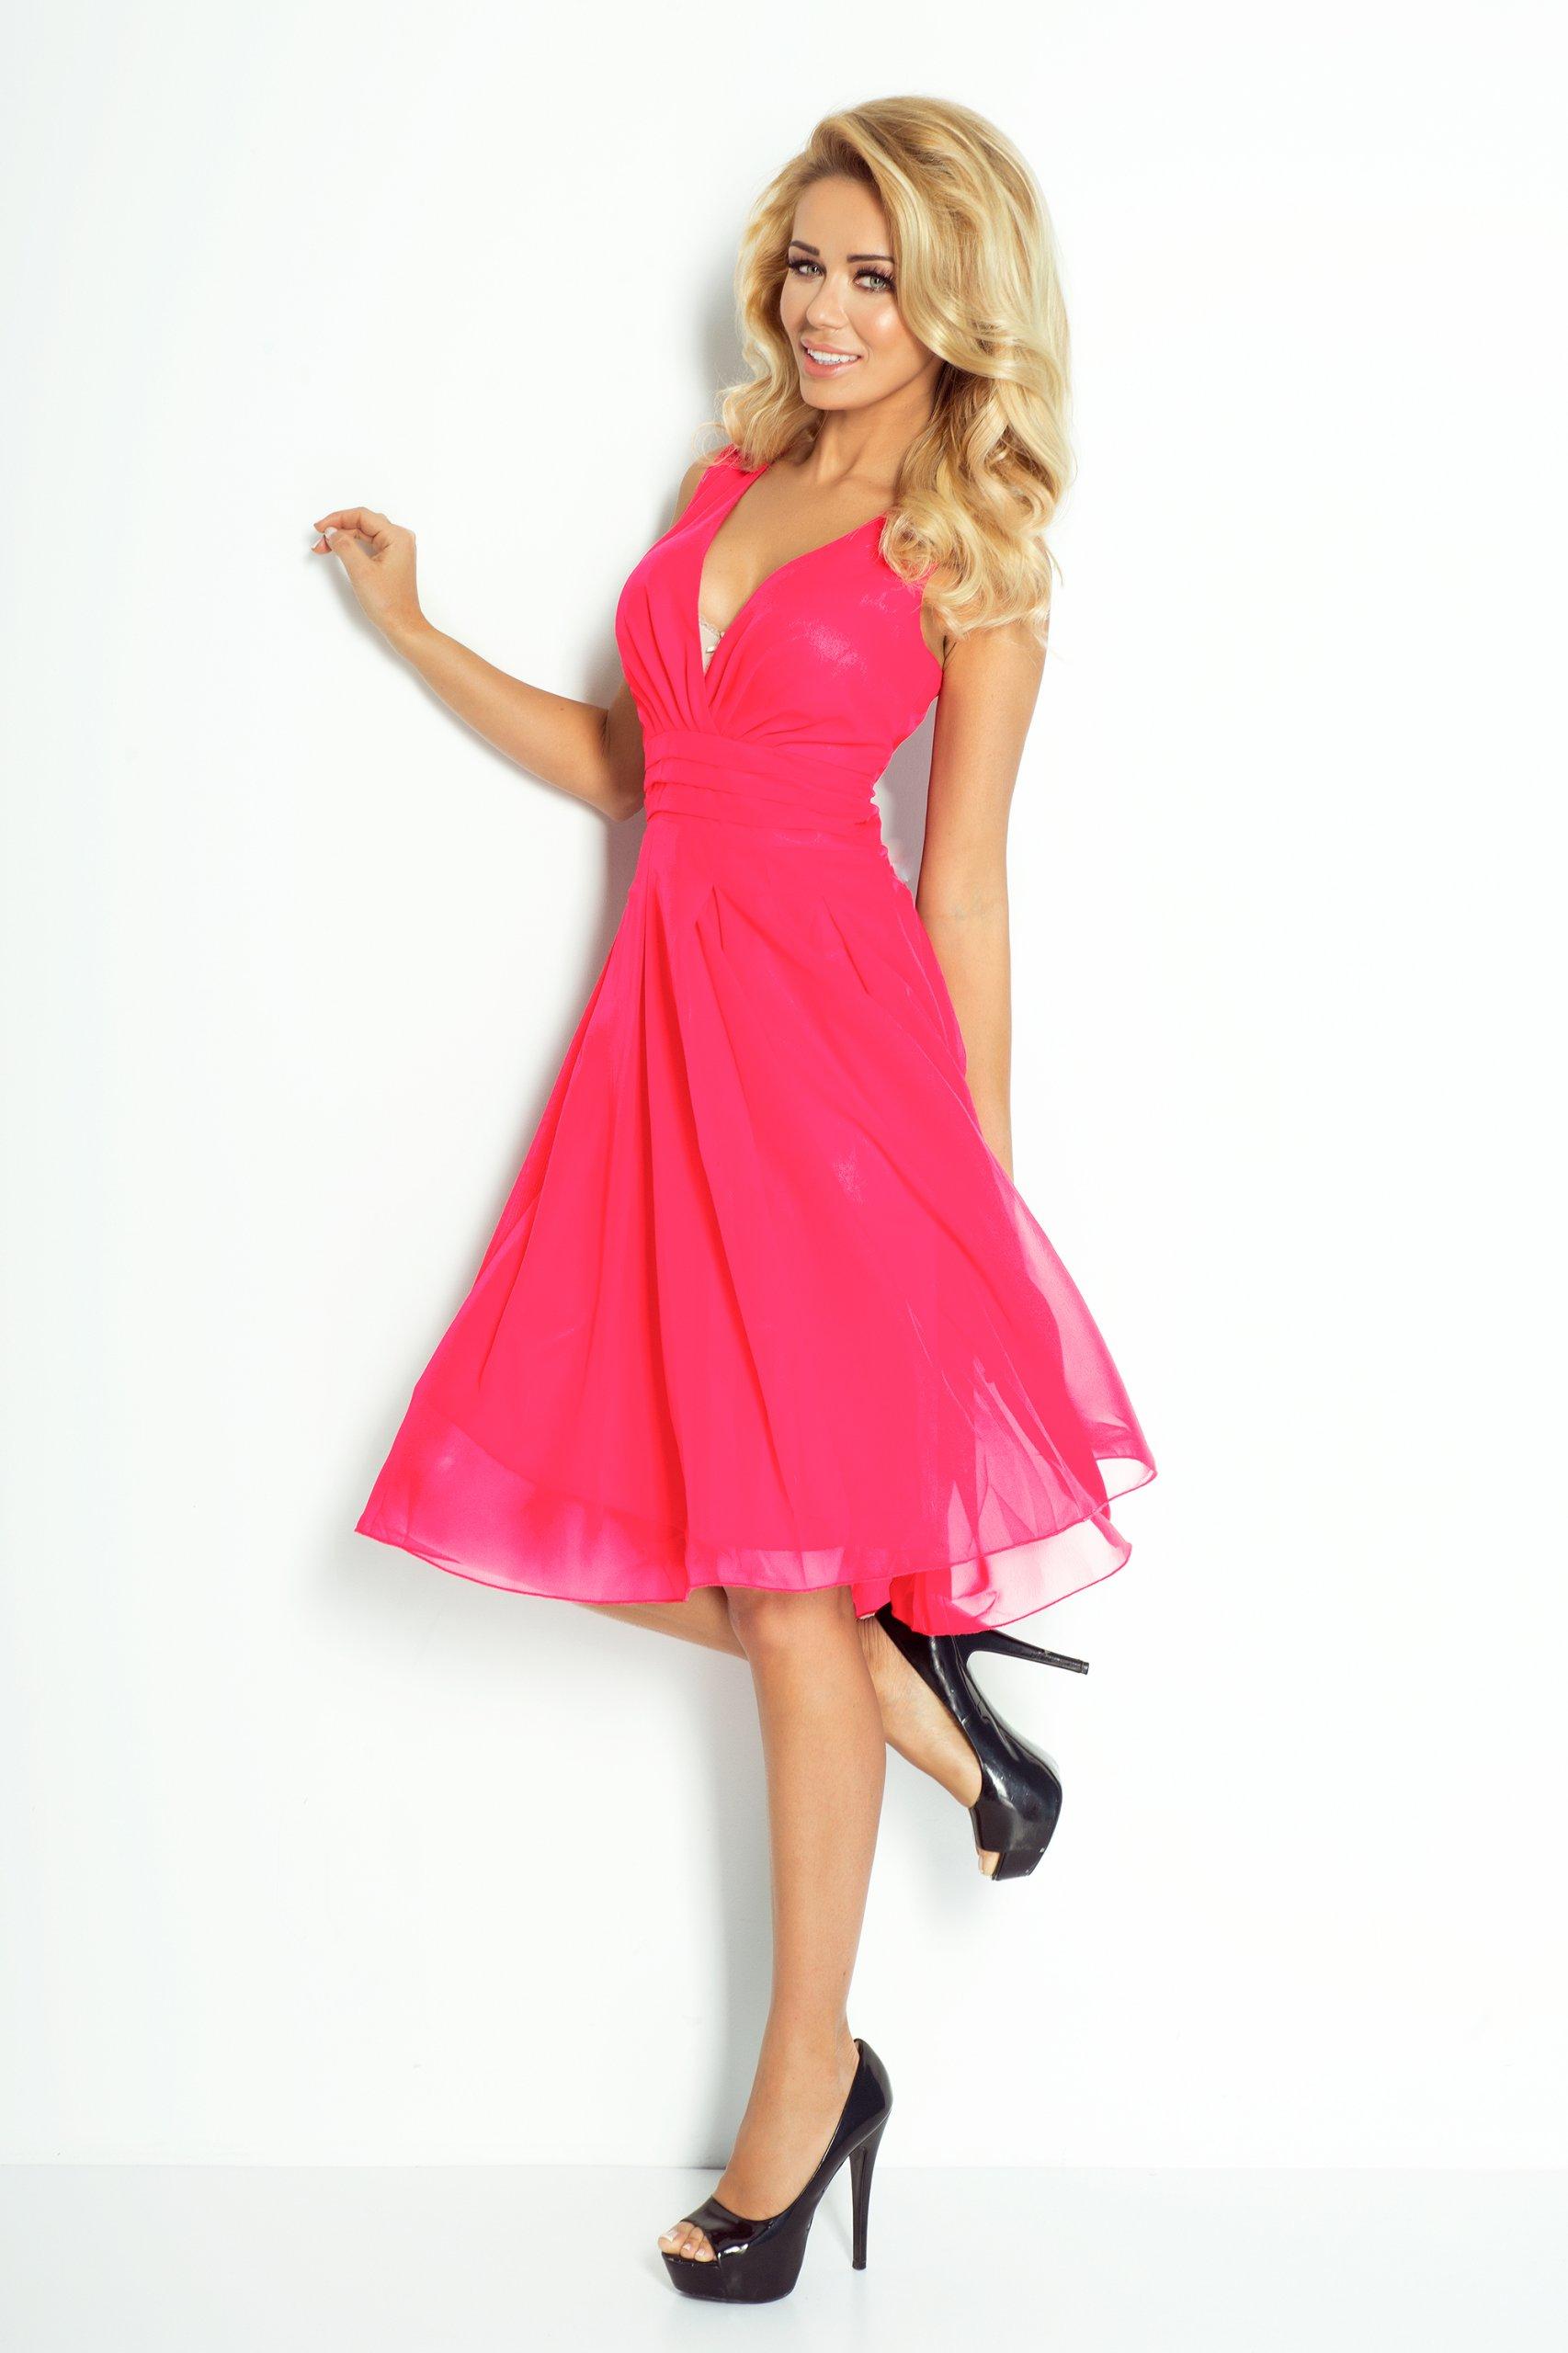 bcf9722c45 Modna Młodzieżowa Sukienka KOKTAJLOWA 35-10 XL 42 - 7197453842 ...